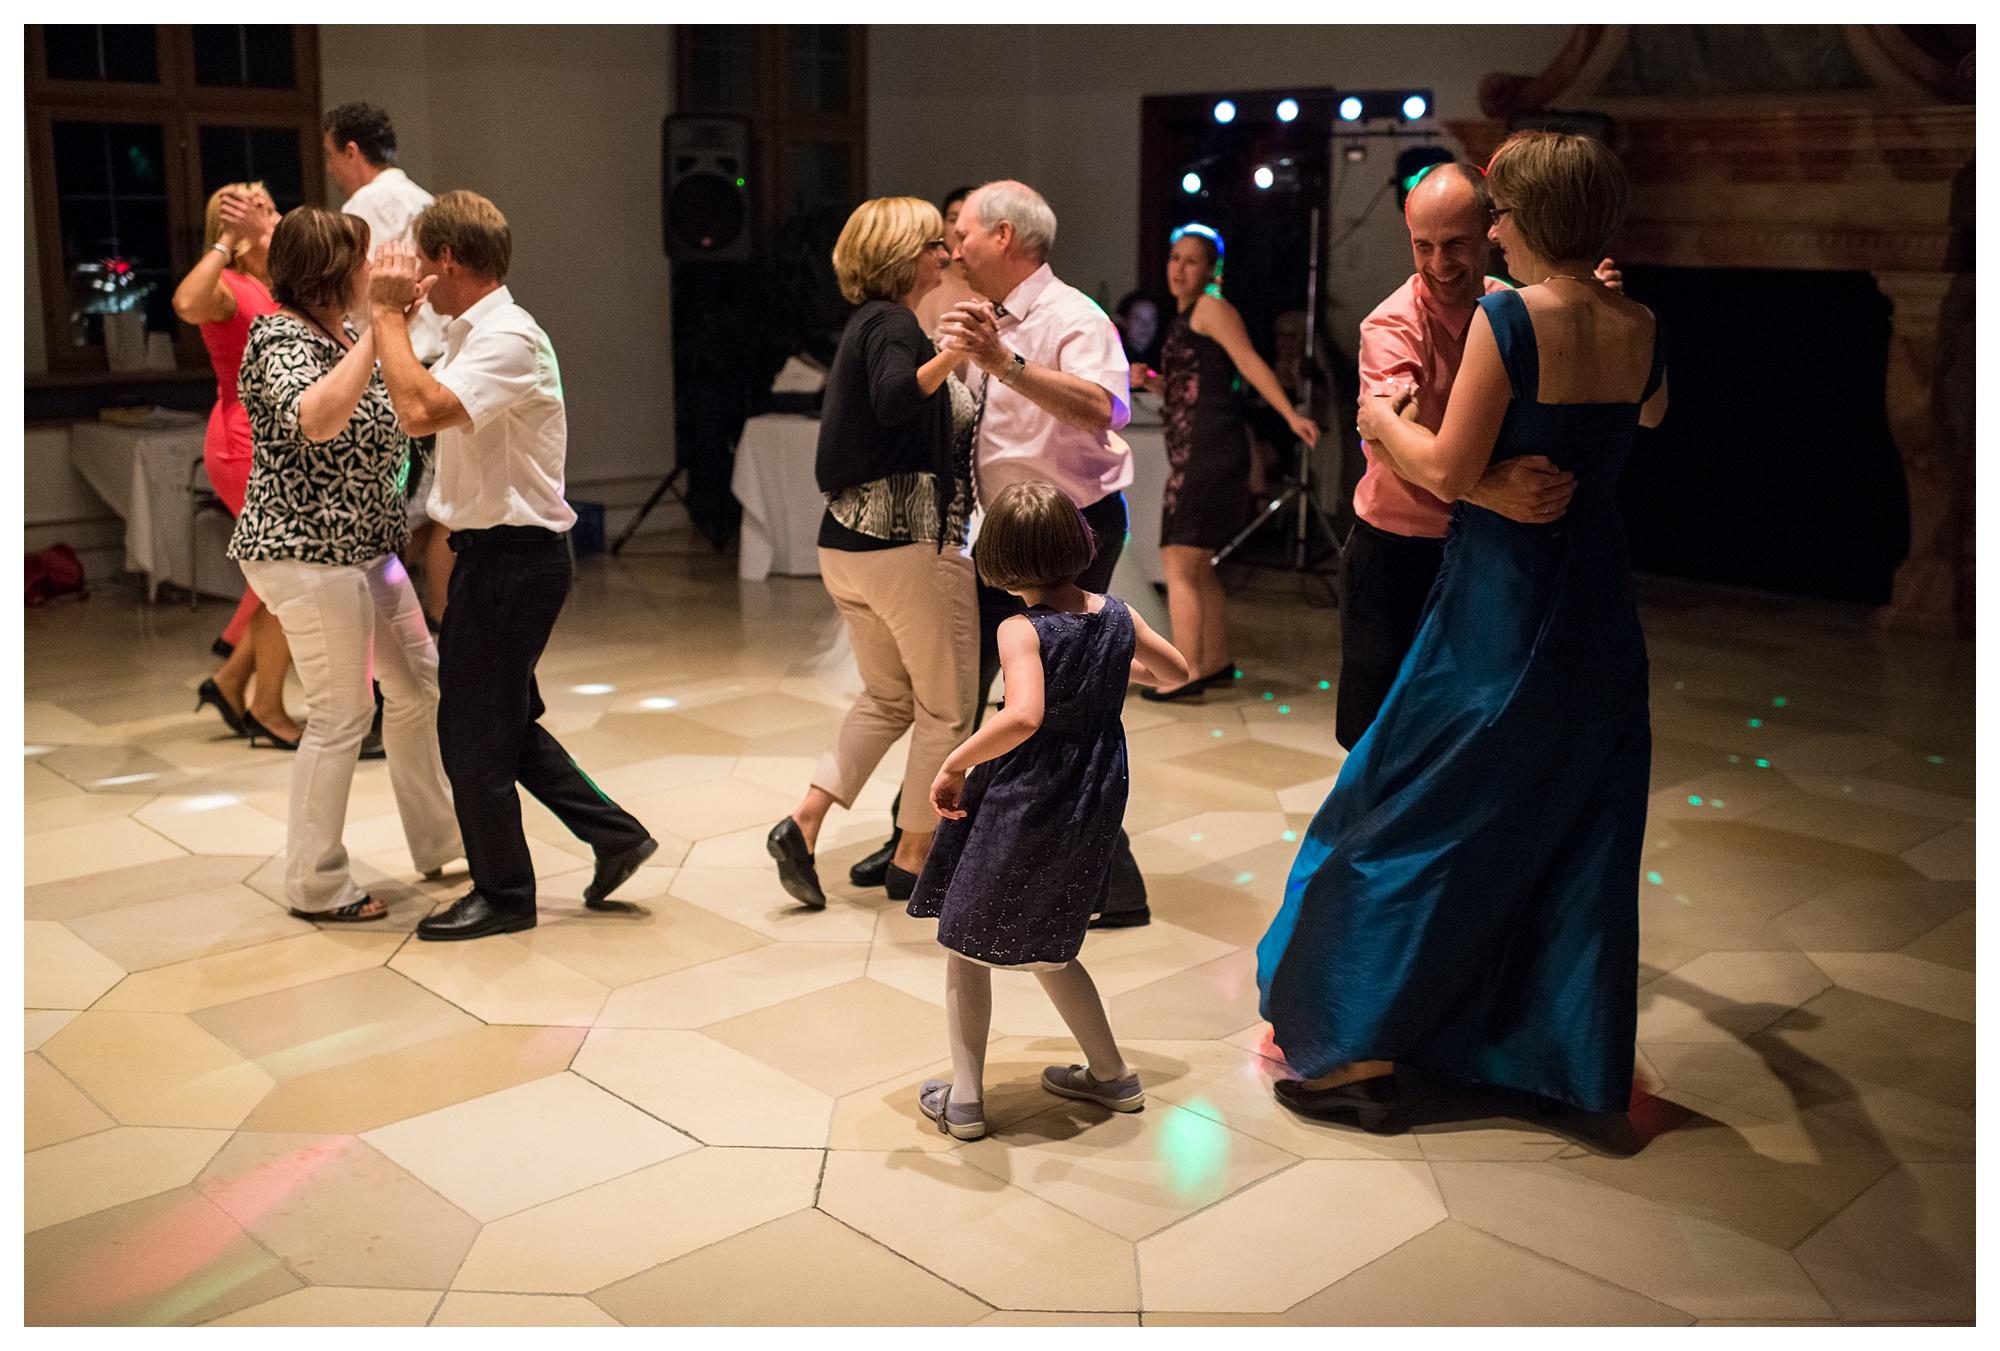 Fotograf Konstanz - Hochzeit Tanja Elmar Elmar Feuerbacher Photography Konstanz Messkirch Highlights 109 - Hochzeitsreportage von Tanja und Elmar im Schloss Meßkirch  - 208 -